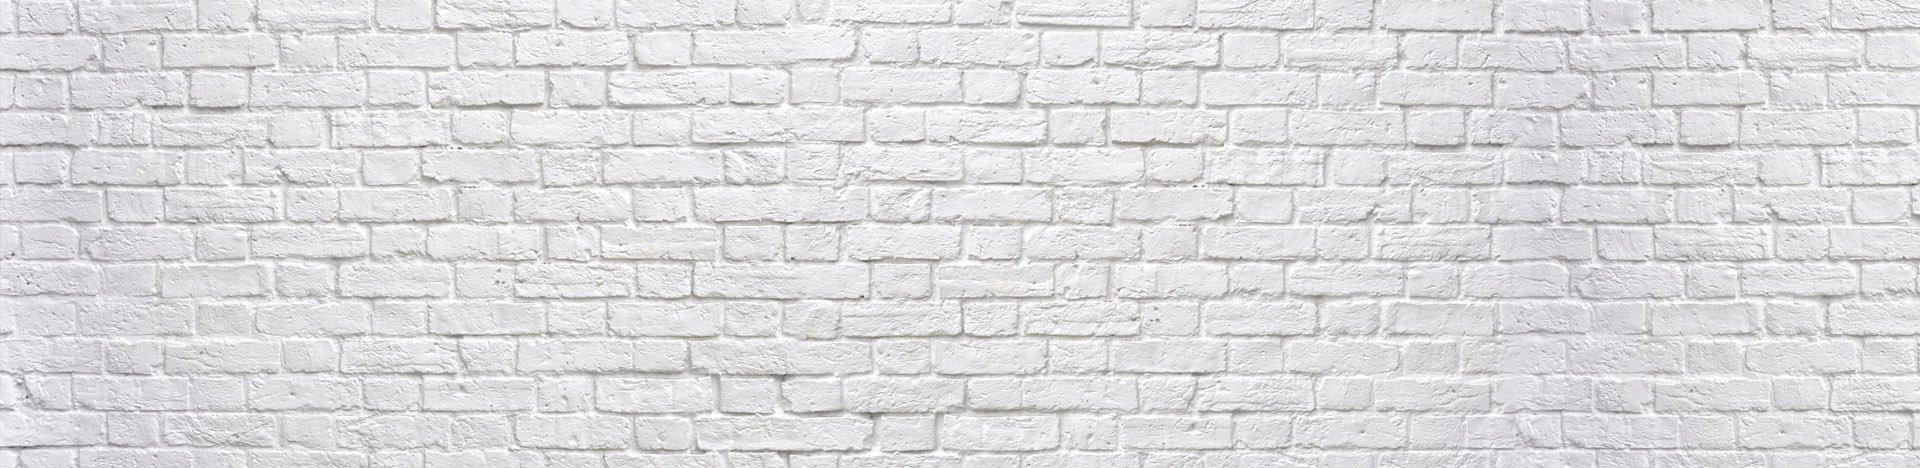 bg_brick